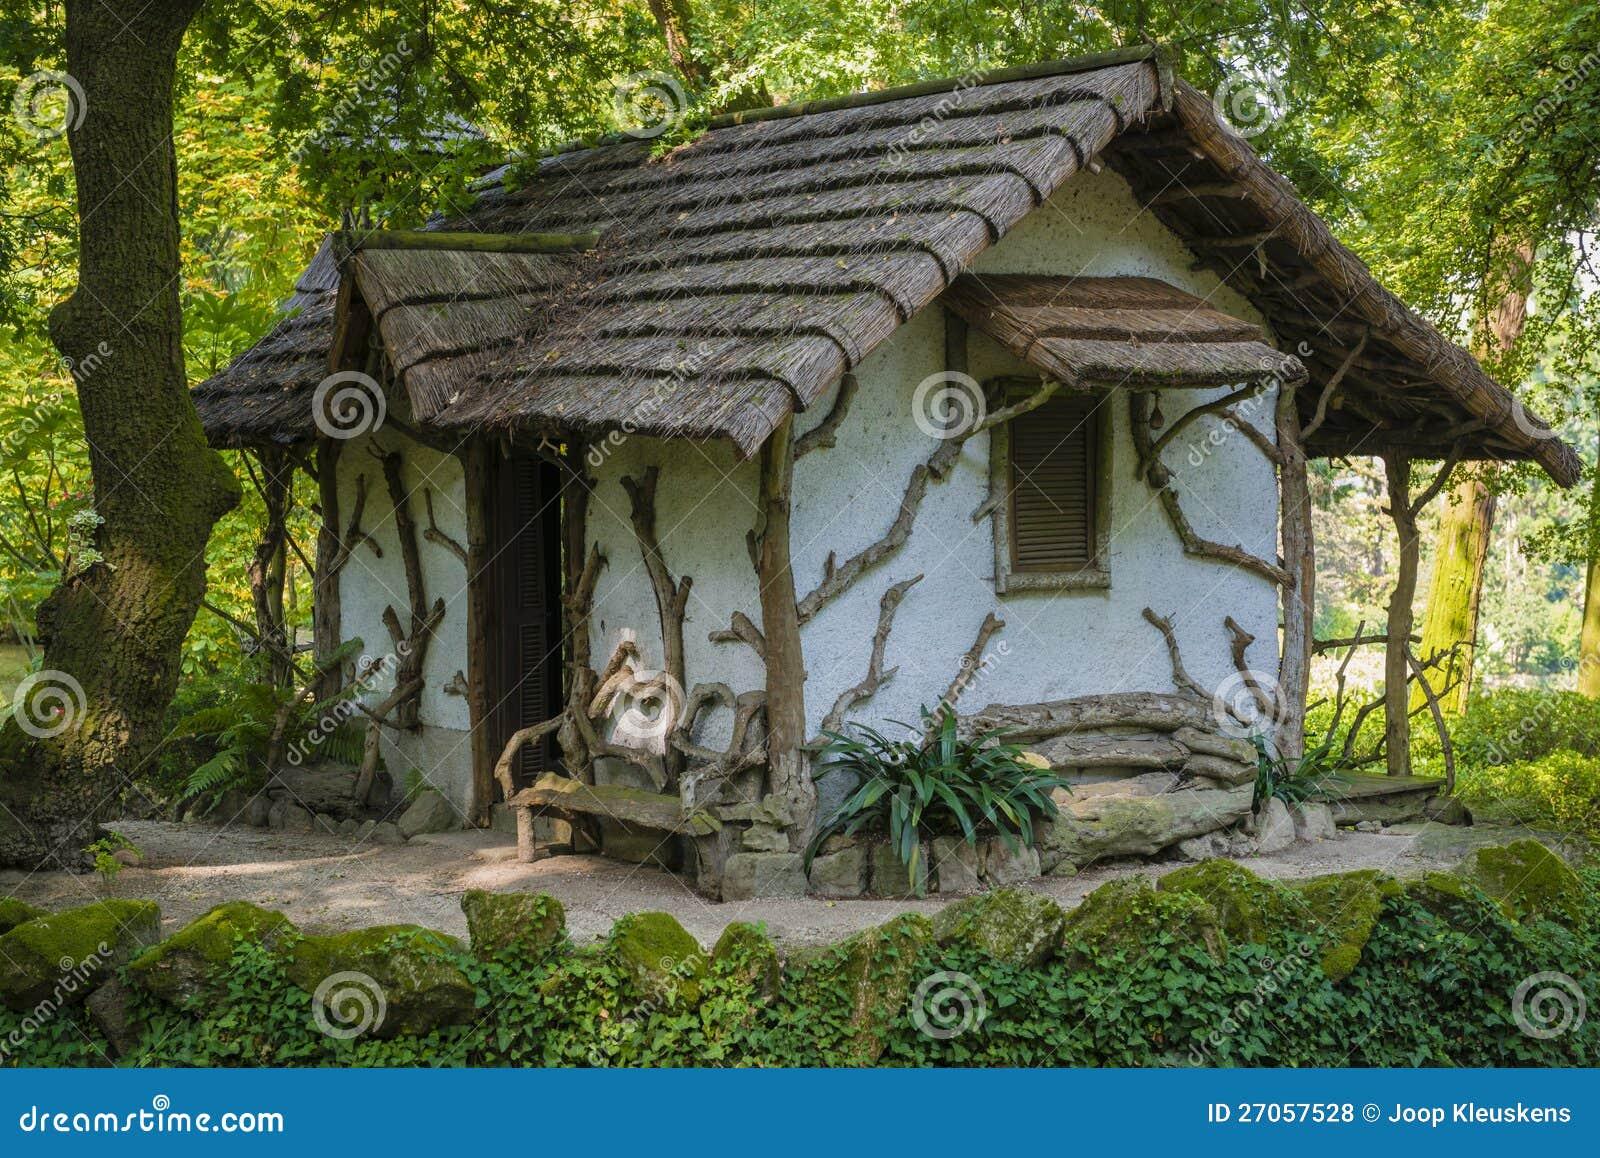 Seule Maison De Jardin Photos libres de droits - Image ...